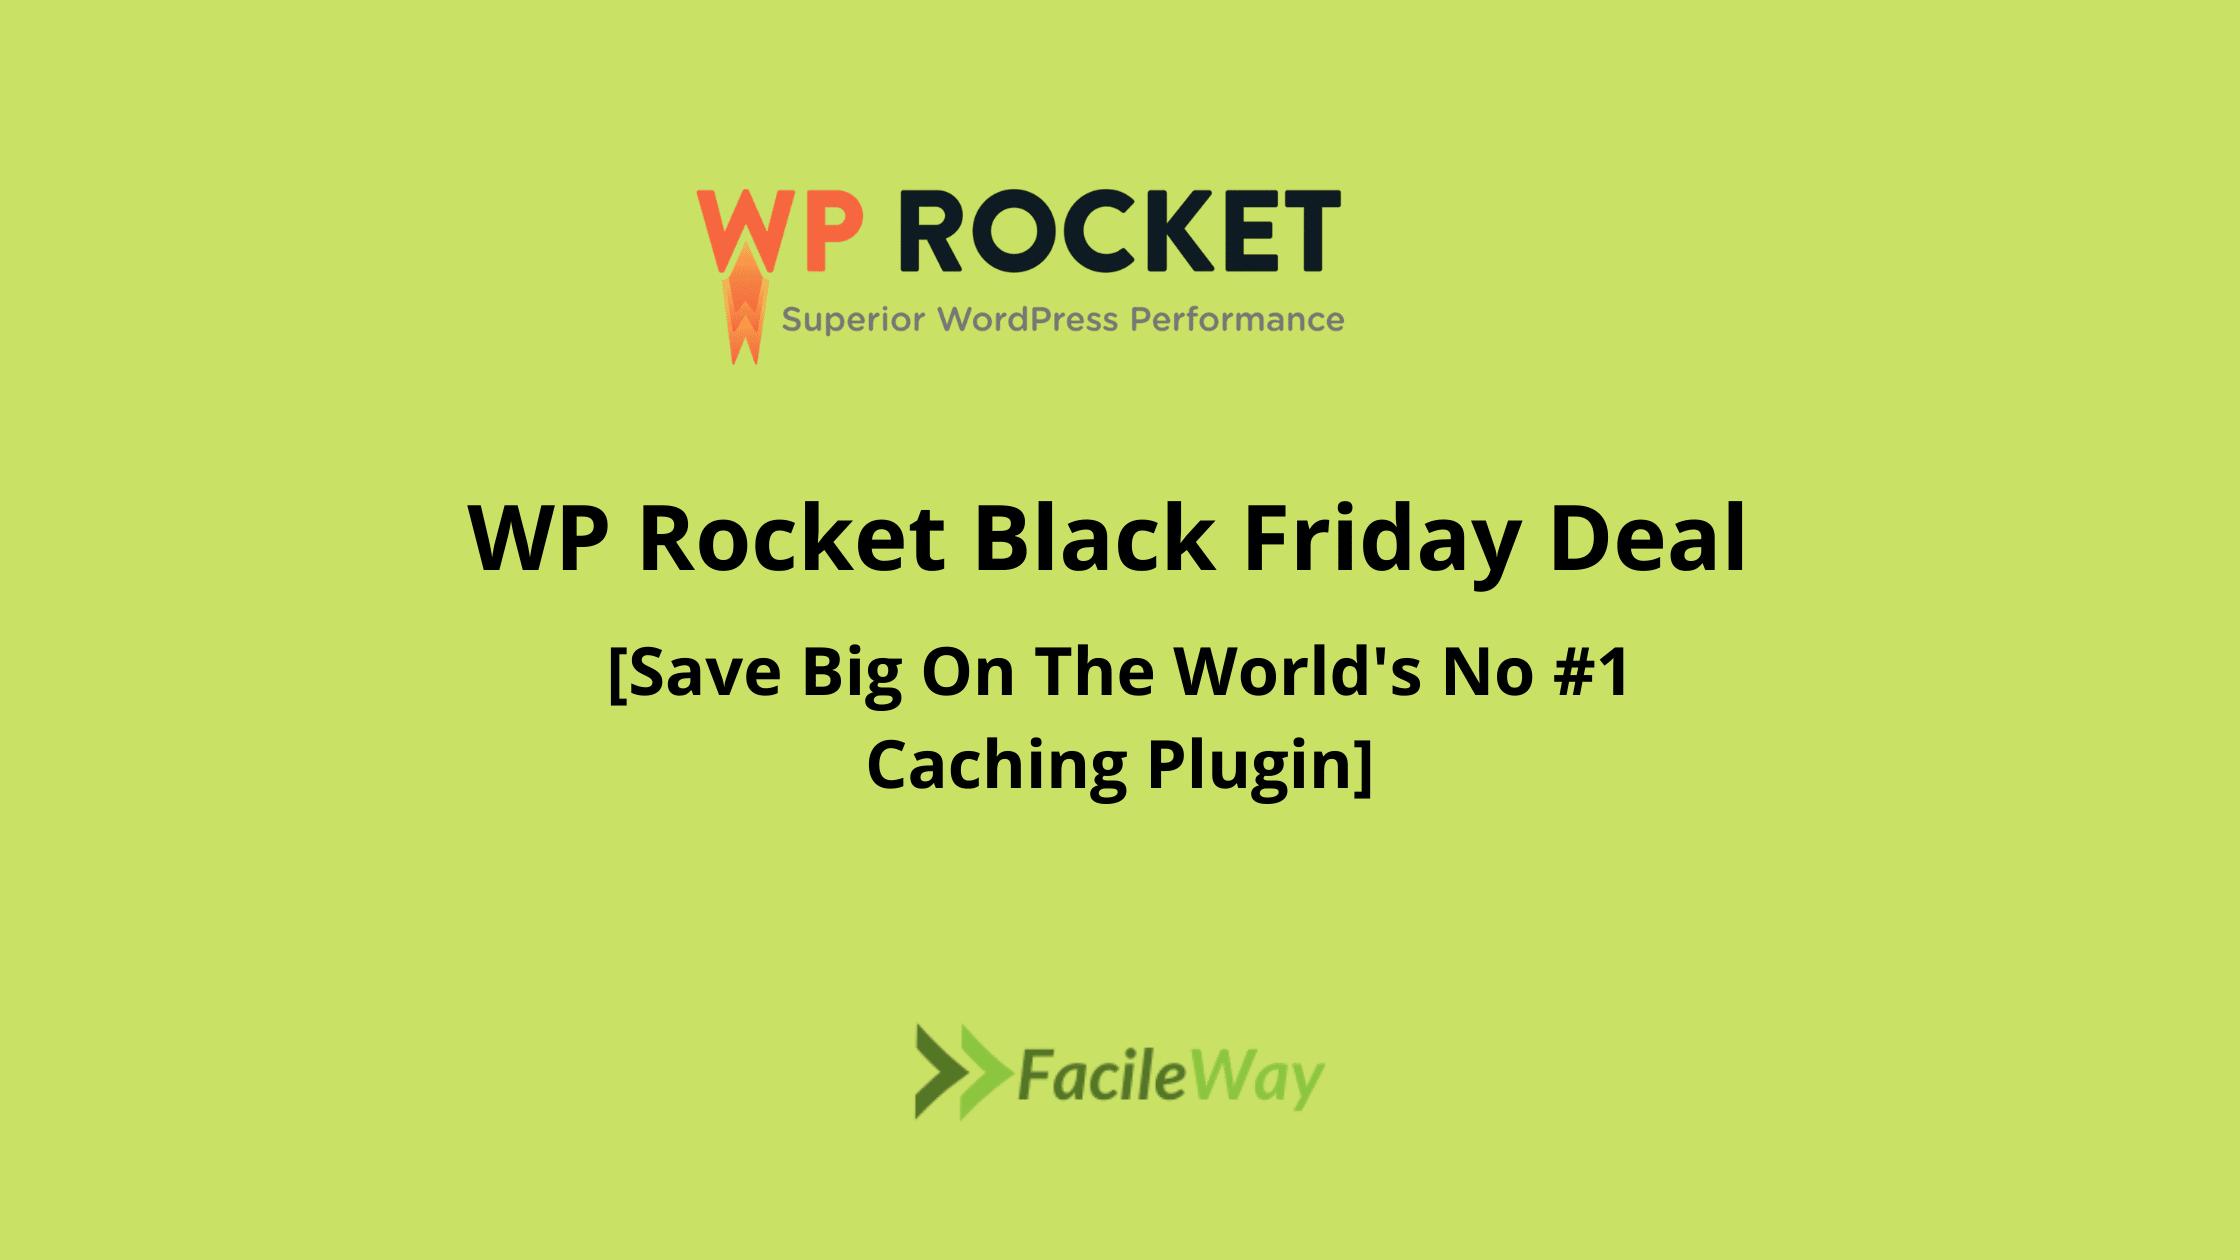 WP Rocket Black Friday Deal